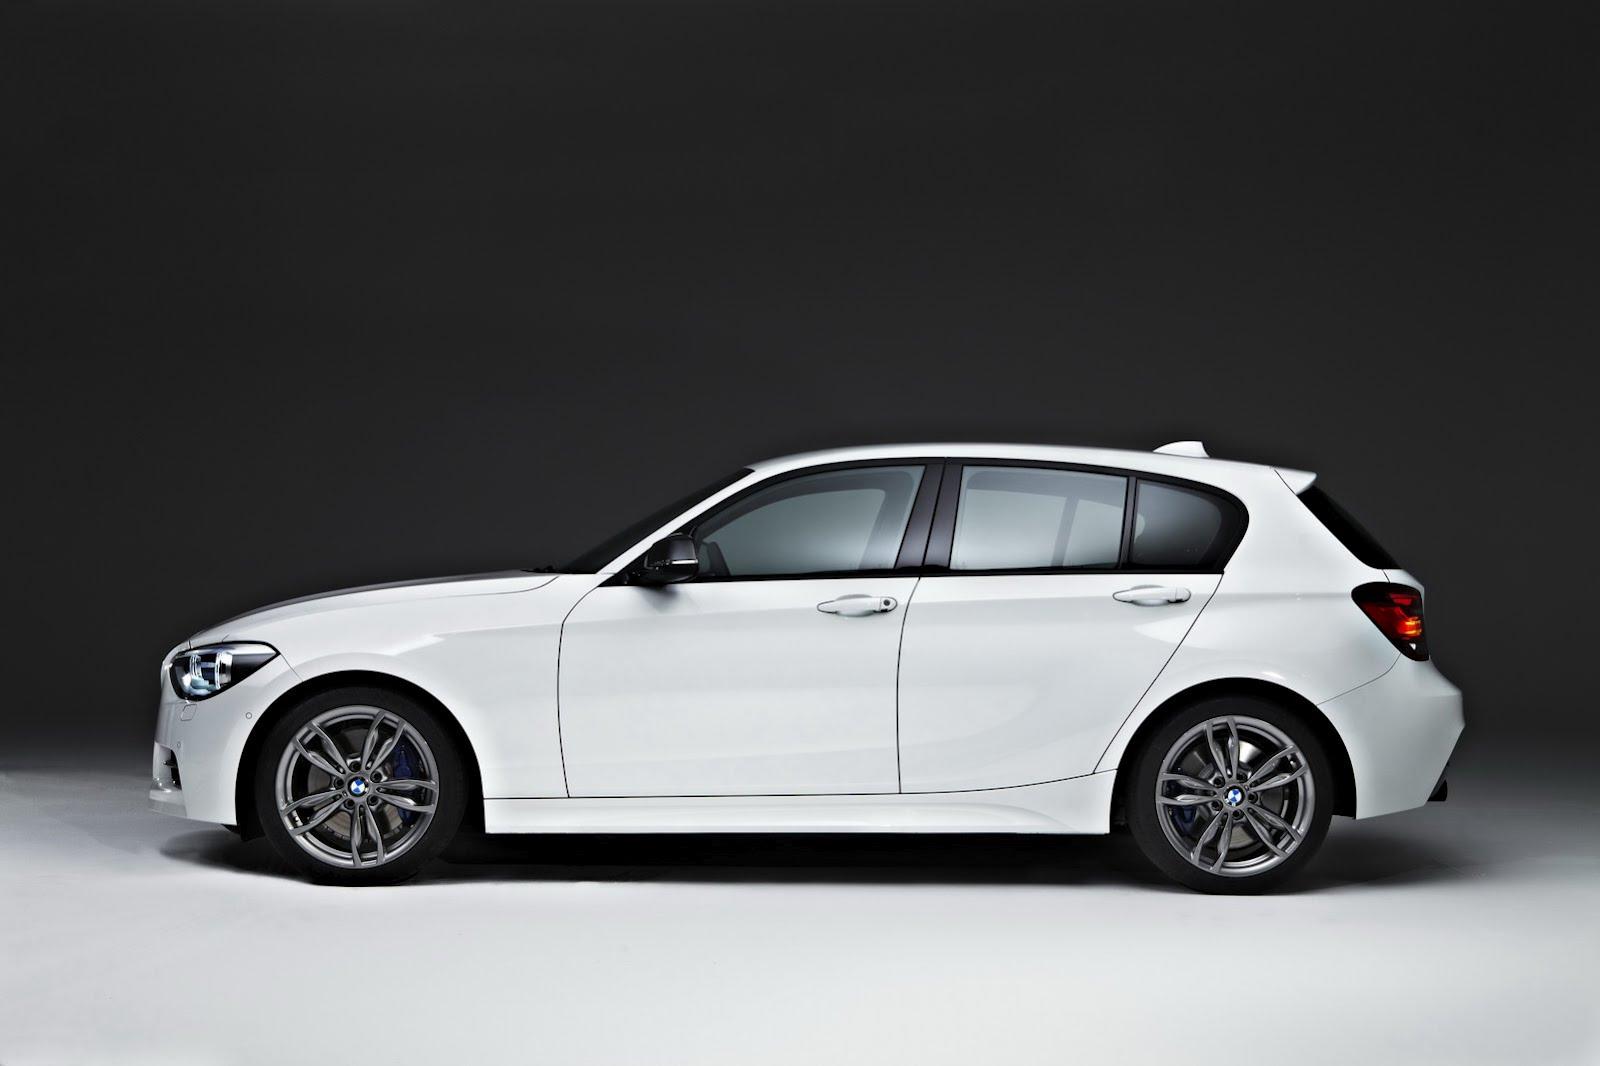 New BMW 114i and M135i As Five-Door Hatchback Desktop Backgrounds